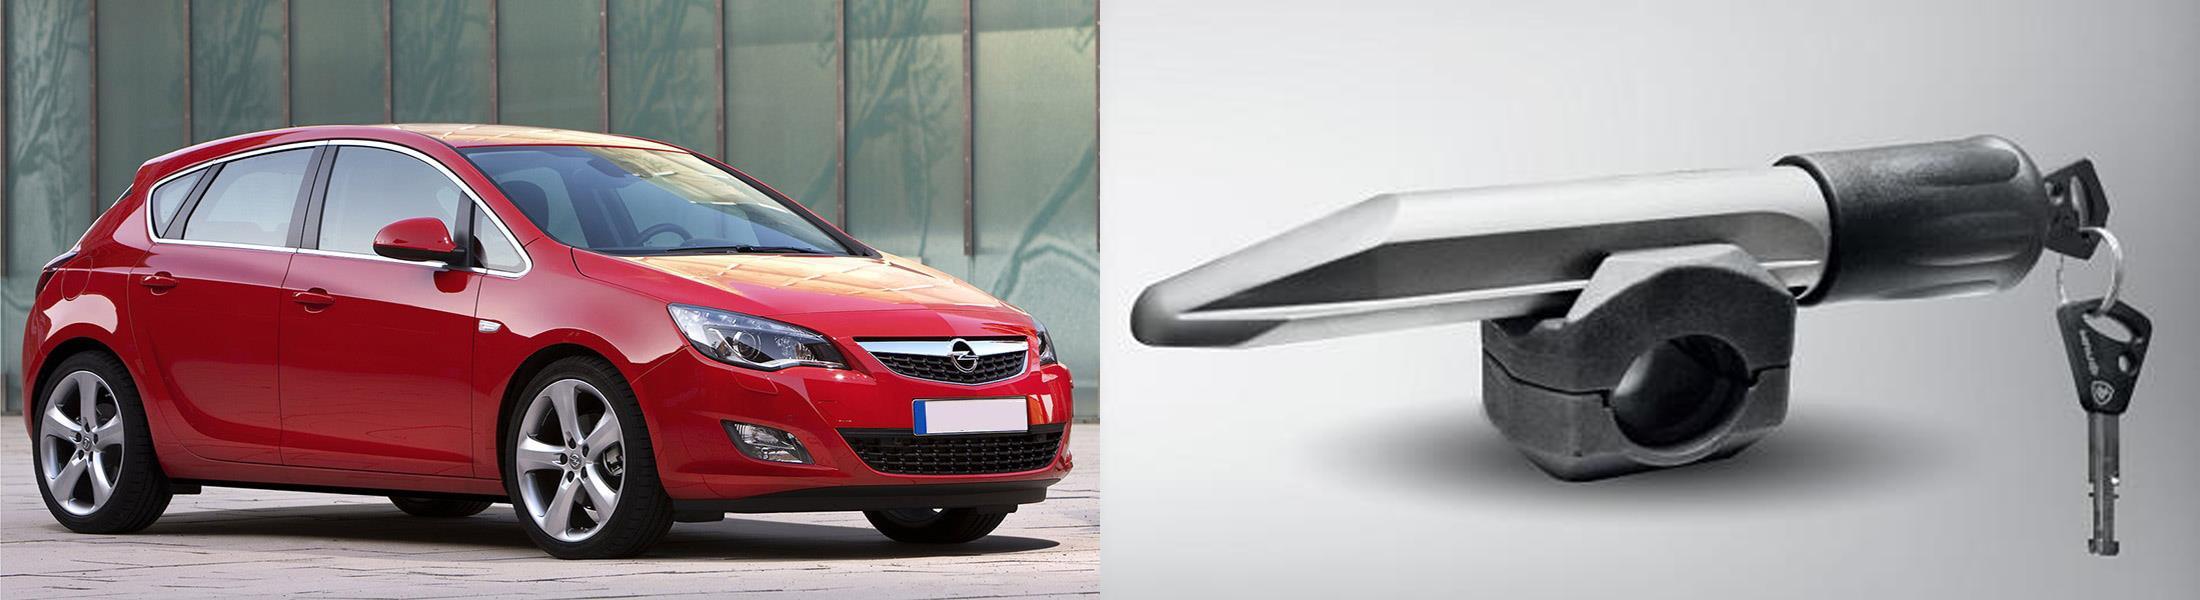 Opel Astra J /2012-/Элур, Гарант Блок Люкс 016.E